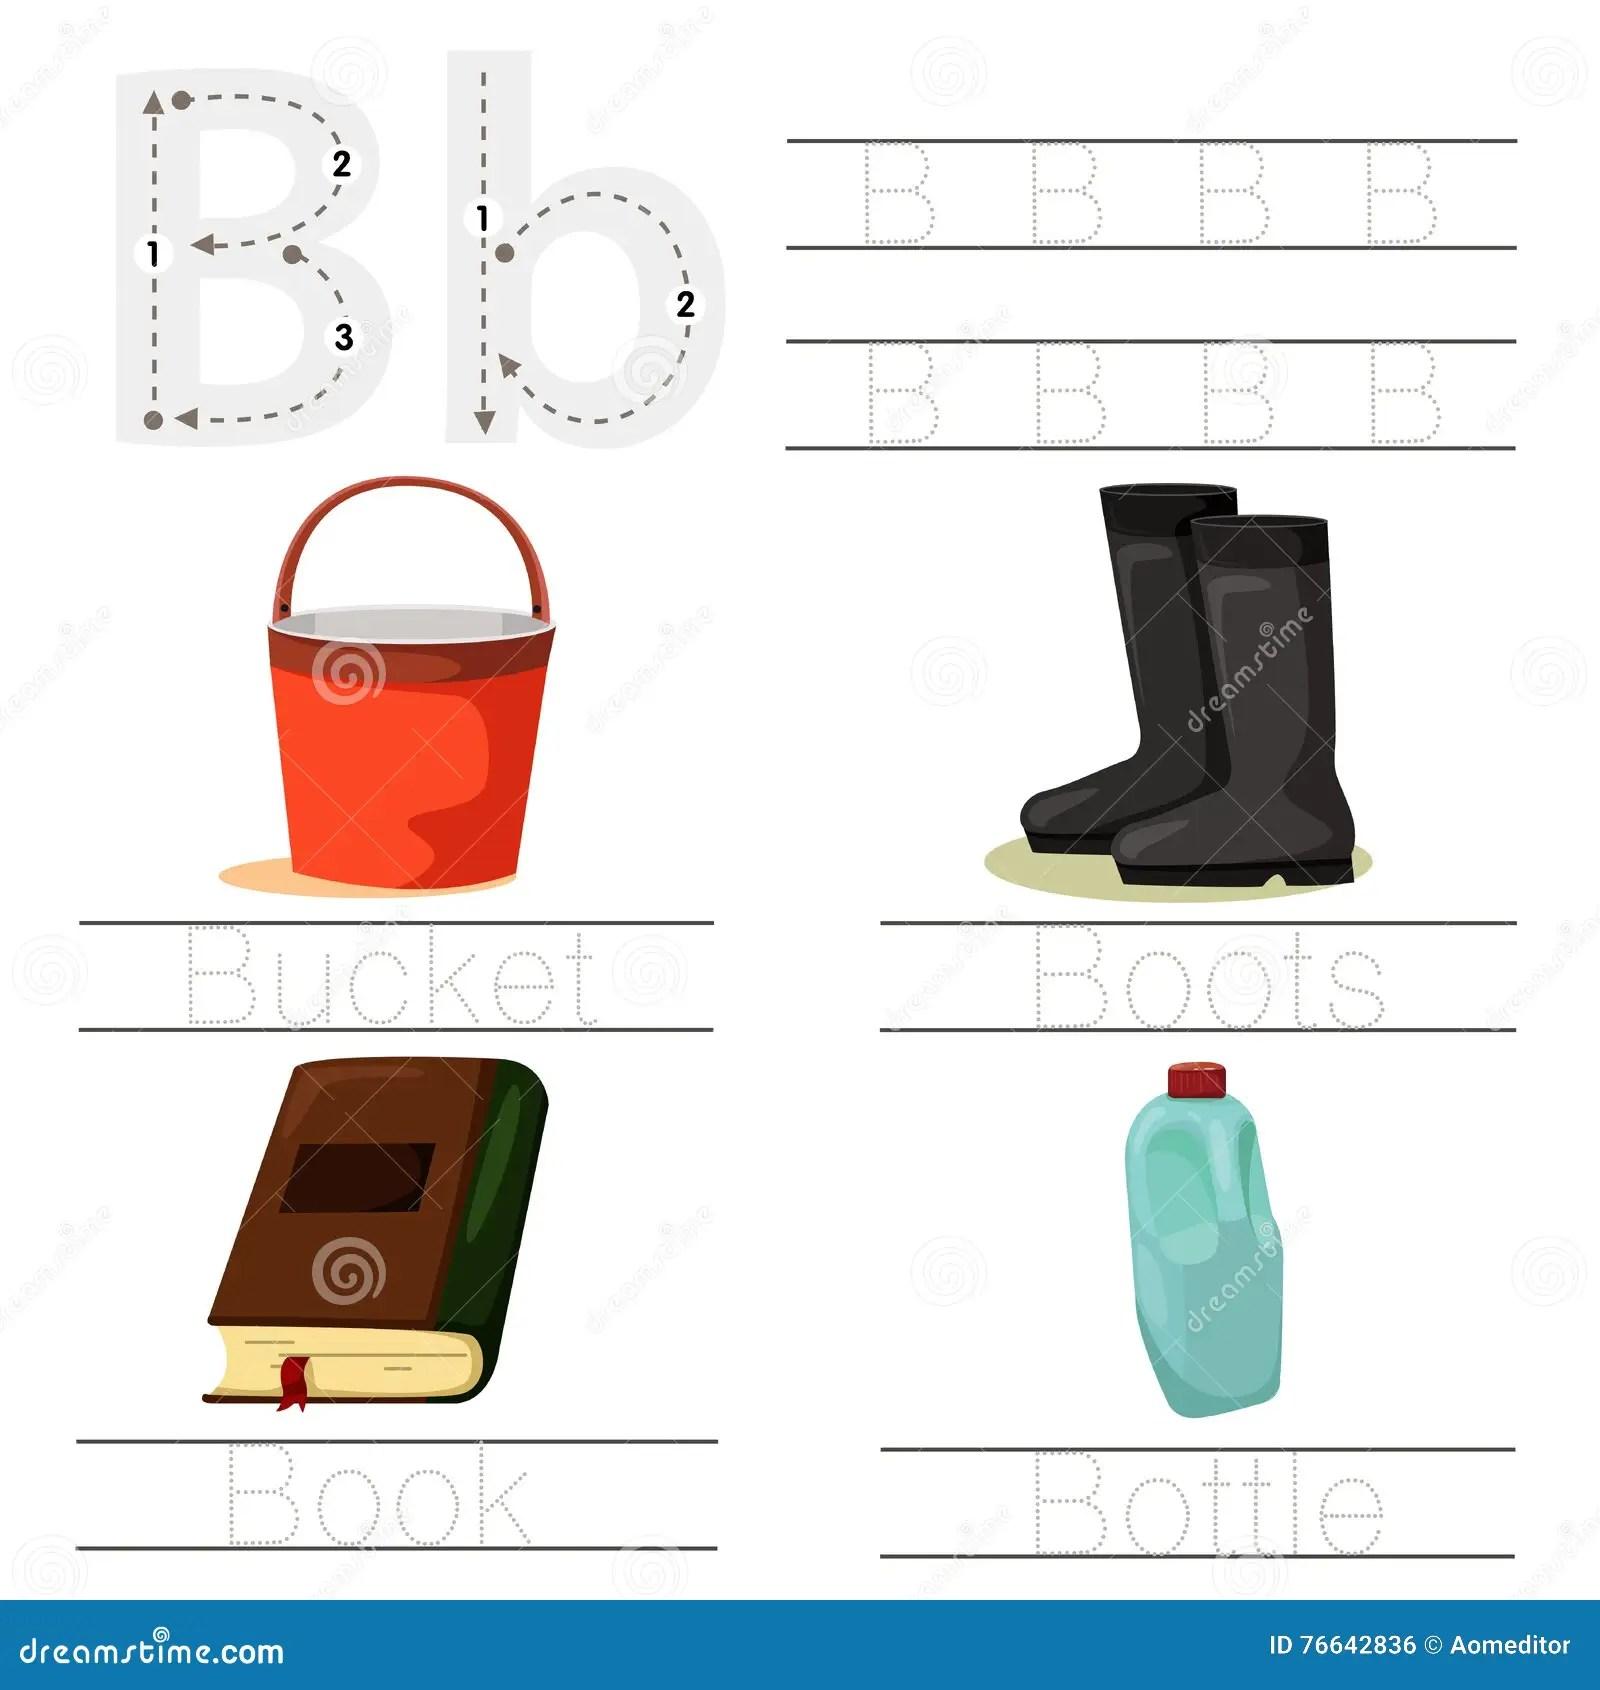 Illustrator Of Worksheet For Children B Font Stock Vector